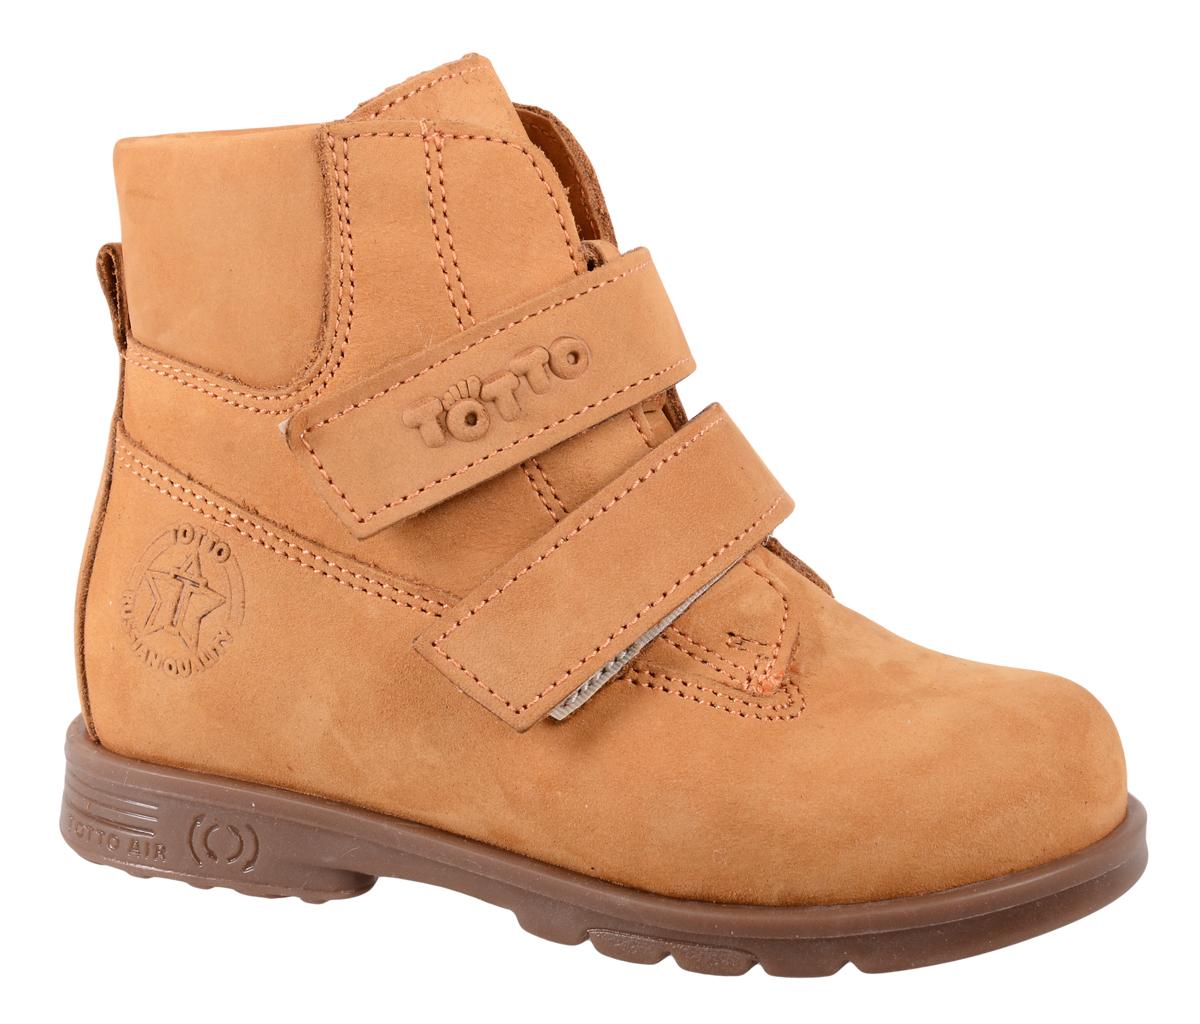 Ботинки для мальчика Тотто, цвет: светло-коричневый. 126/2-БП. Размер 23126/2-БПСтильные ботинки для мальчика Тотто займут достойное место в гардеробе вашего ребенка. Модель с высоким жестким задником выполнена из натуральной кожи и оформлена тисненым логотипом бренда и прострочкой. Внутренняя поверхность ботинок и стелька выполнены из байки, обеспечивающей тепло и комфорт при движении. Верх изделия дополнен удобными застежками-липучками, которые обеспечат комфортную фиксацию модели на ноге и отрегулируют объем, а рифленая поверхность подошвы защитит от скольжения во время движения. Стильные ботинки - незаменимая вещь в гардеробе каждого мальчика!